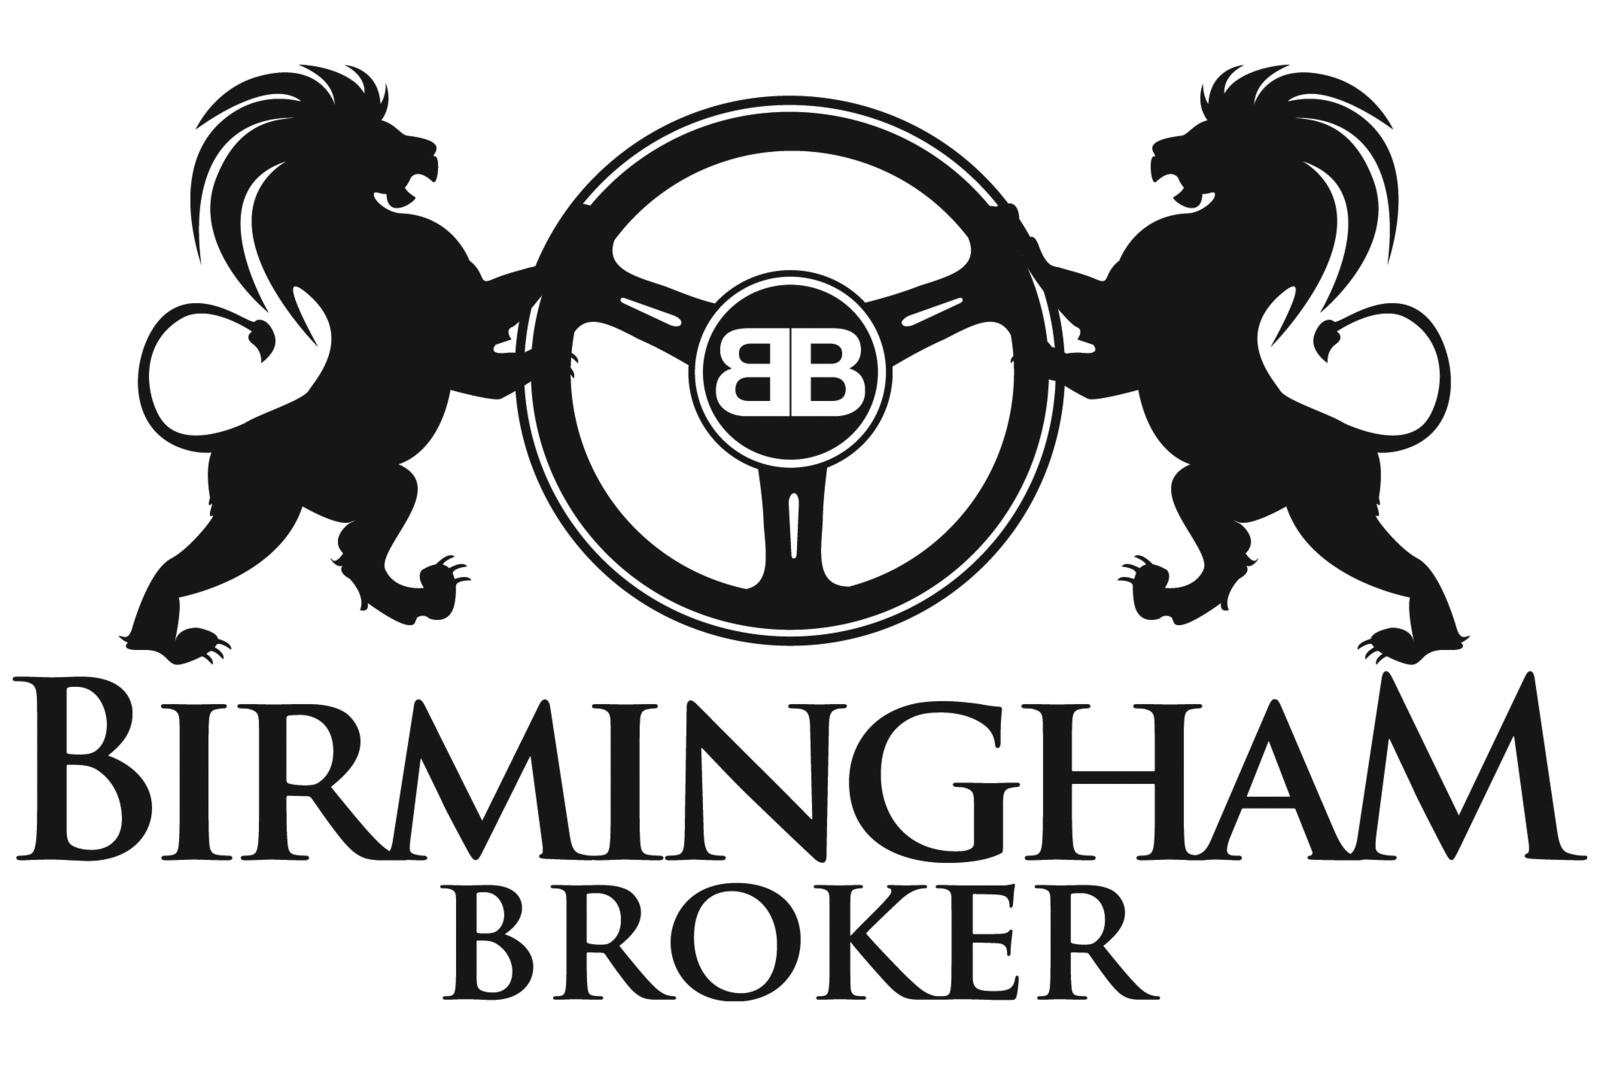 birmingham broker